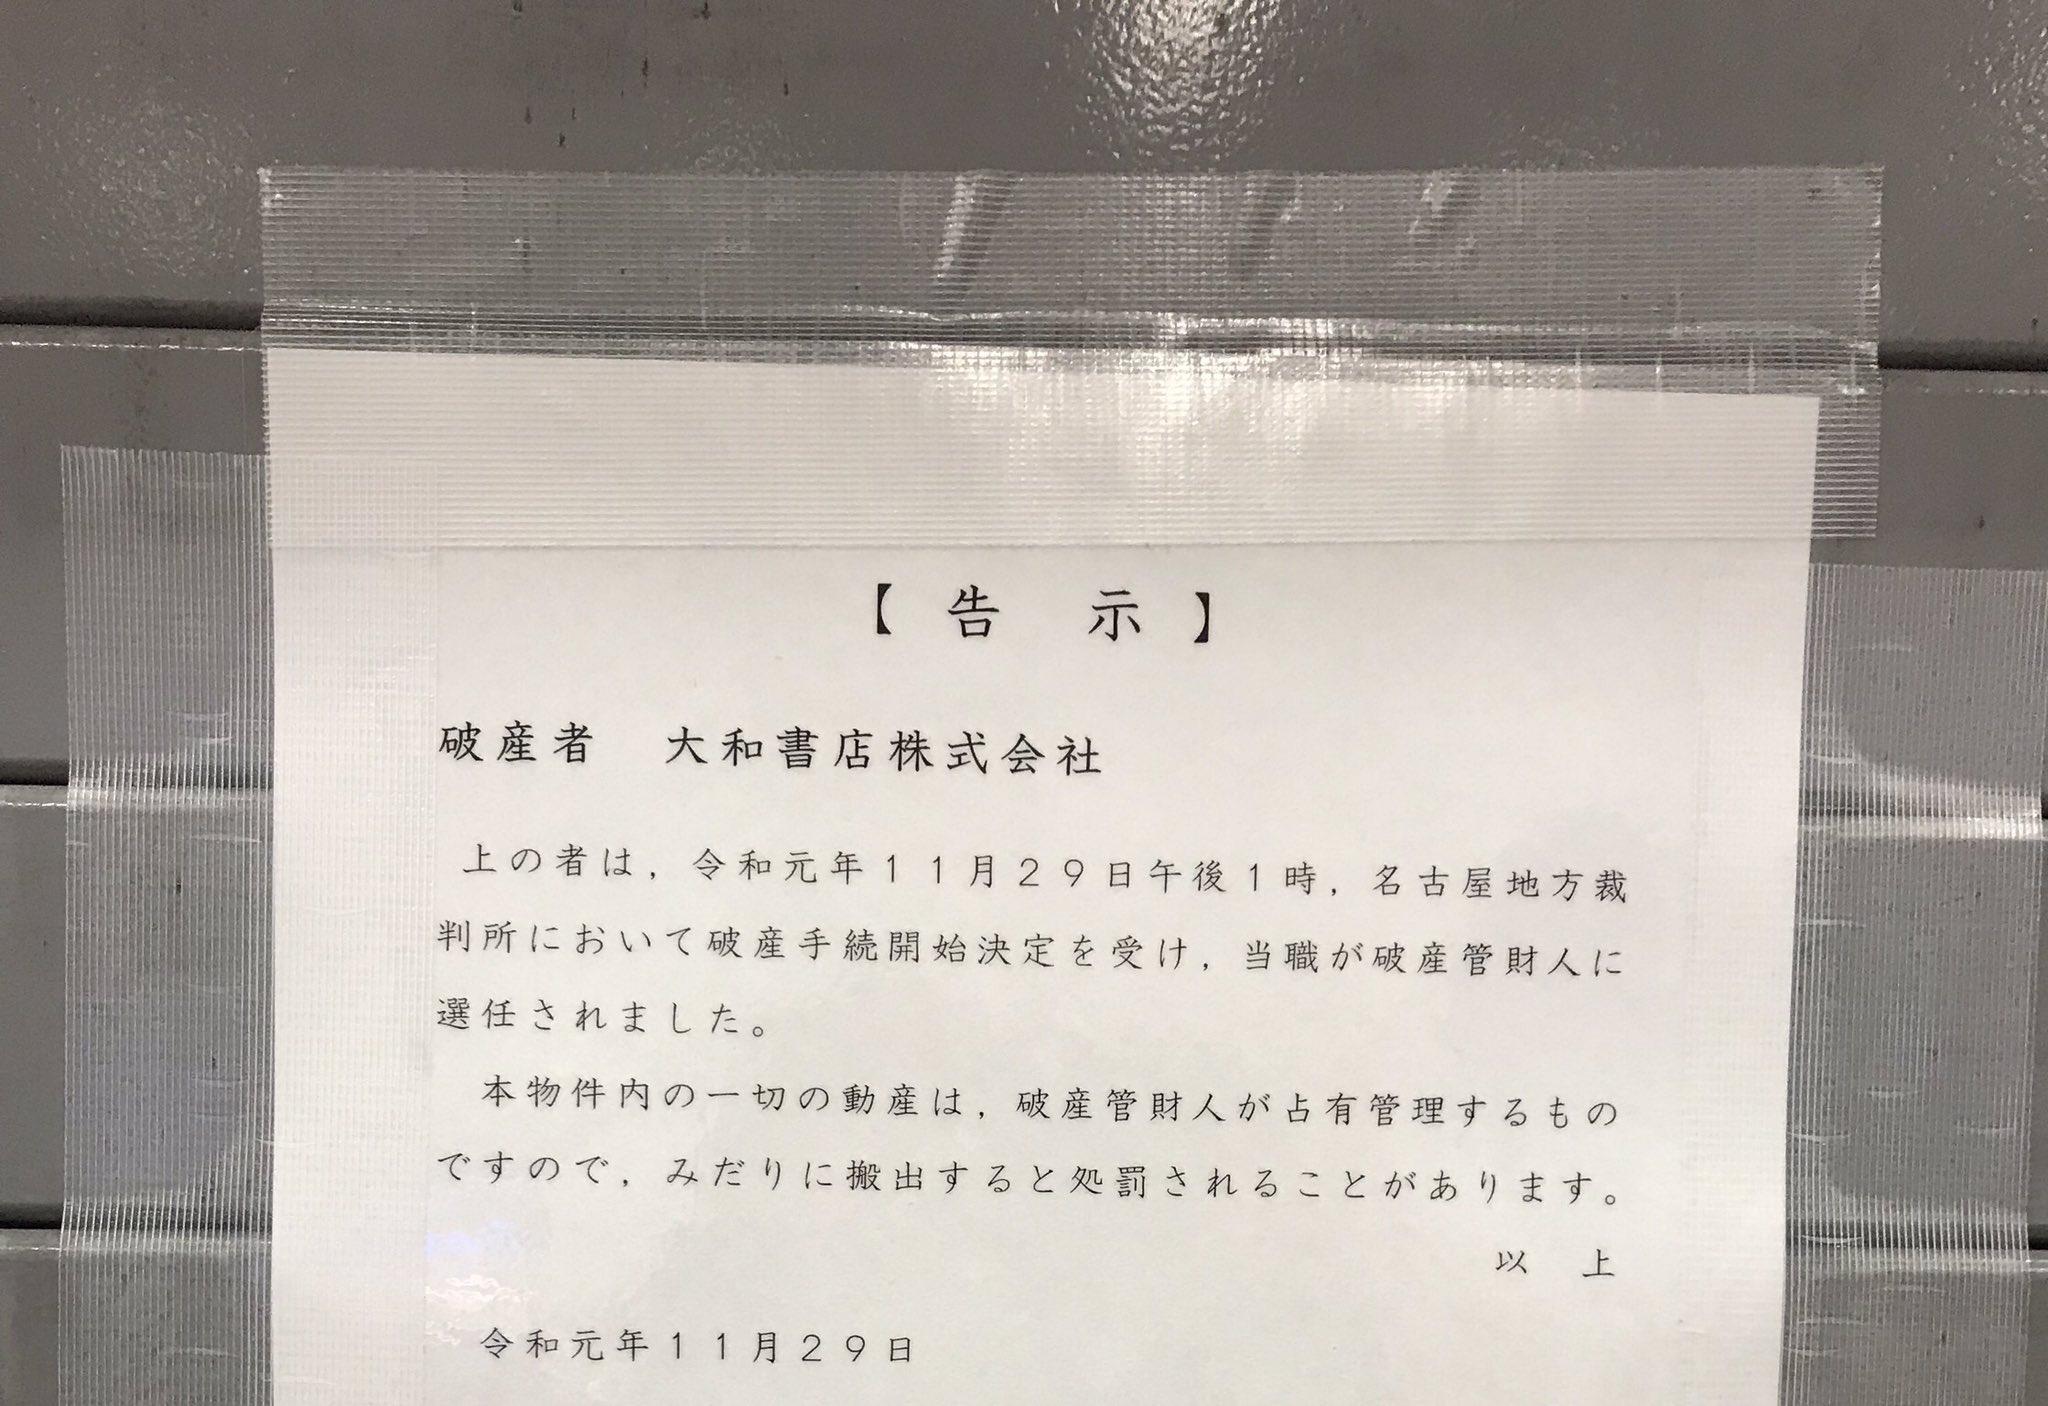 画像,ところで金山駅のリブレットが昨日付けで破産により閉店してました 。リブレットって他にどこにあったっけ https://t.co/rdsNhA75B9…